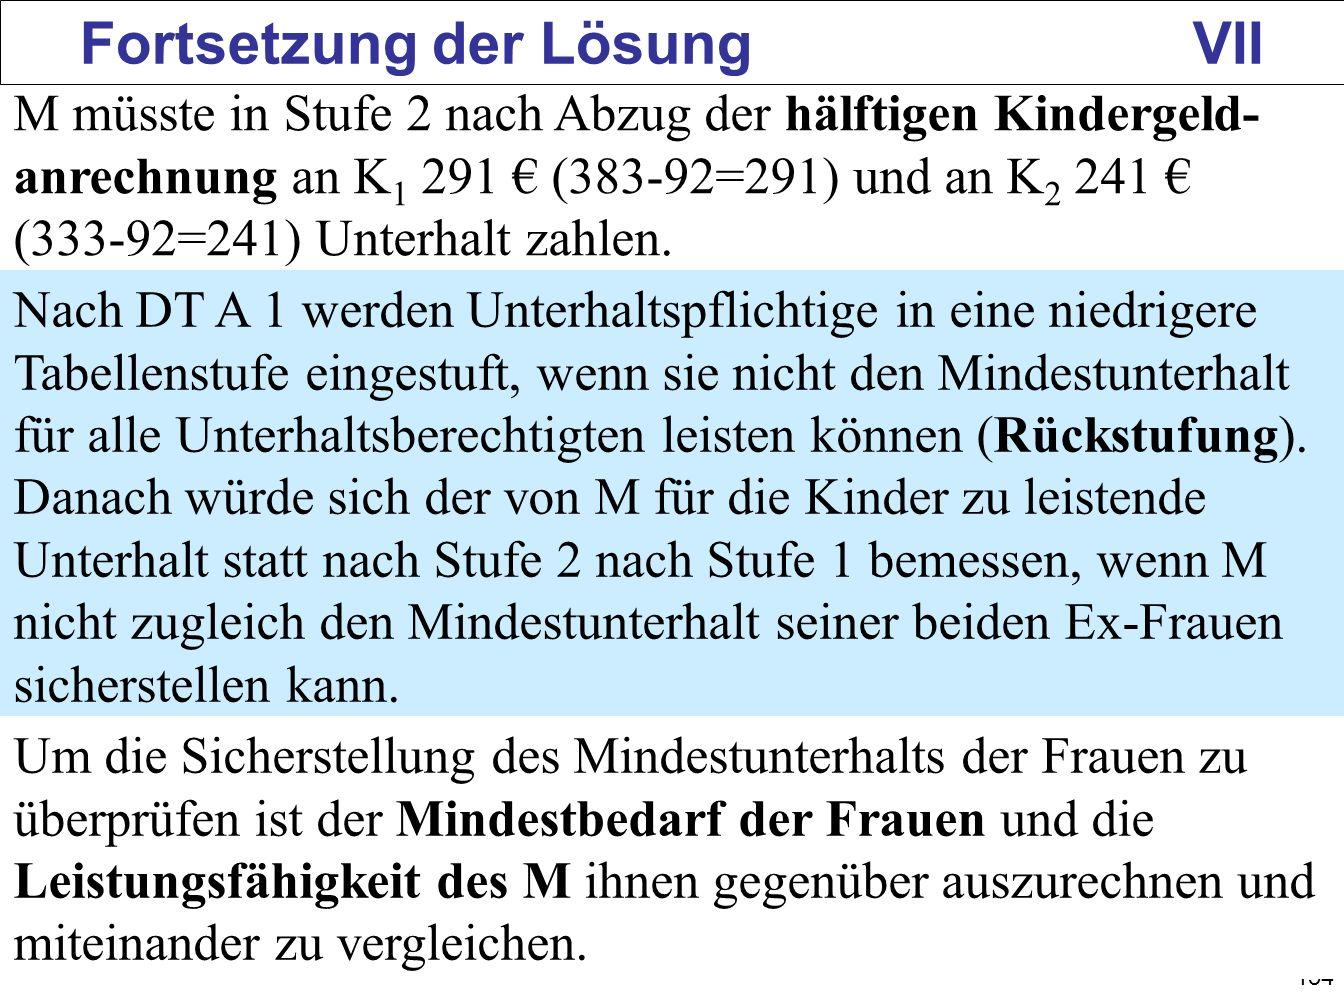 154 Fortsetzung der Lösung VII M müsste in Stufe 2 nach Abzug der hälftigen Kindergeld- anrechnung an K 1 291 (383-92=291) und an K 2 241 (333-92=241)